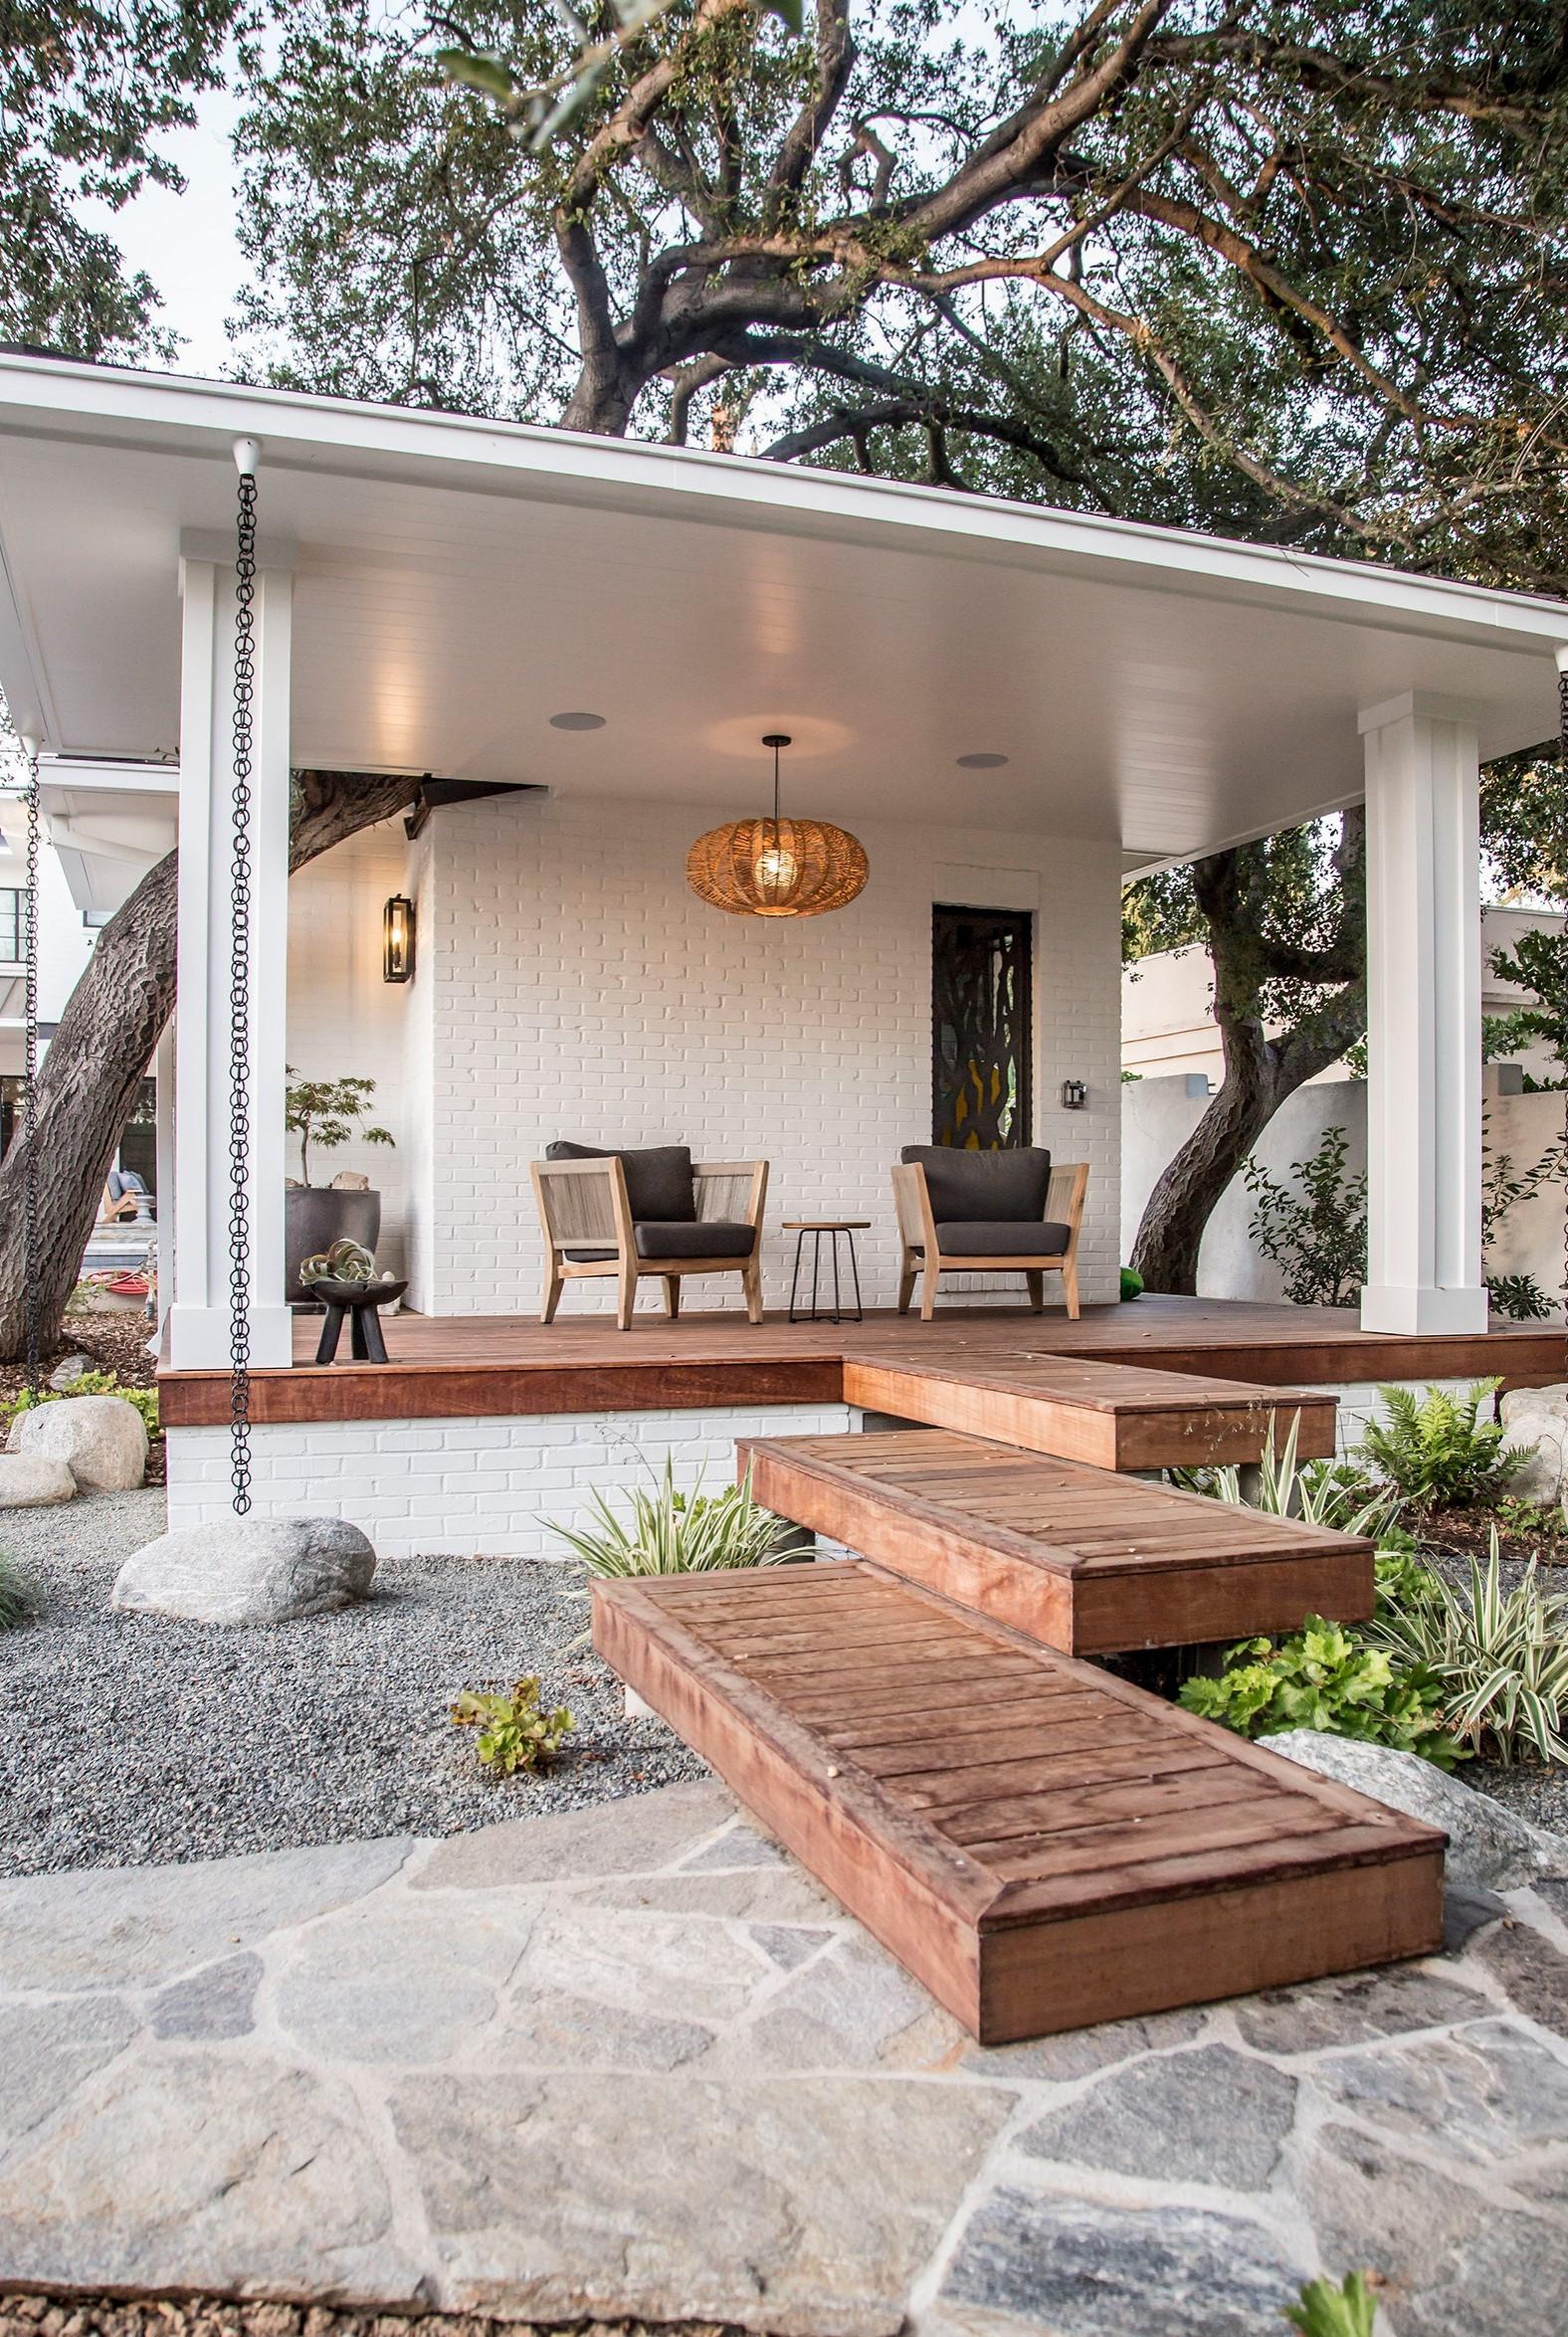 Patio En Bois De Palette 75 beautiful farmhouse deck pictures & ideas | houzz